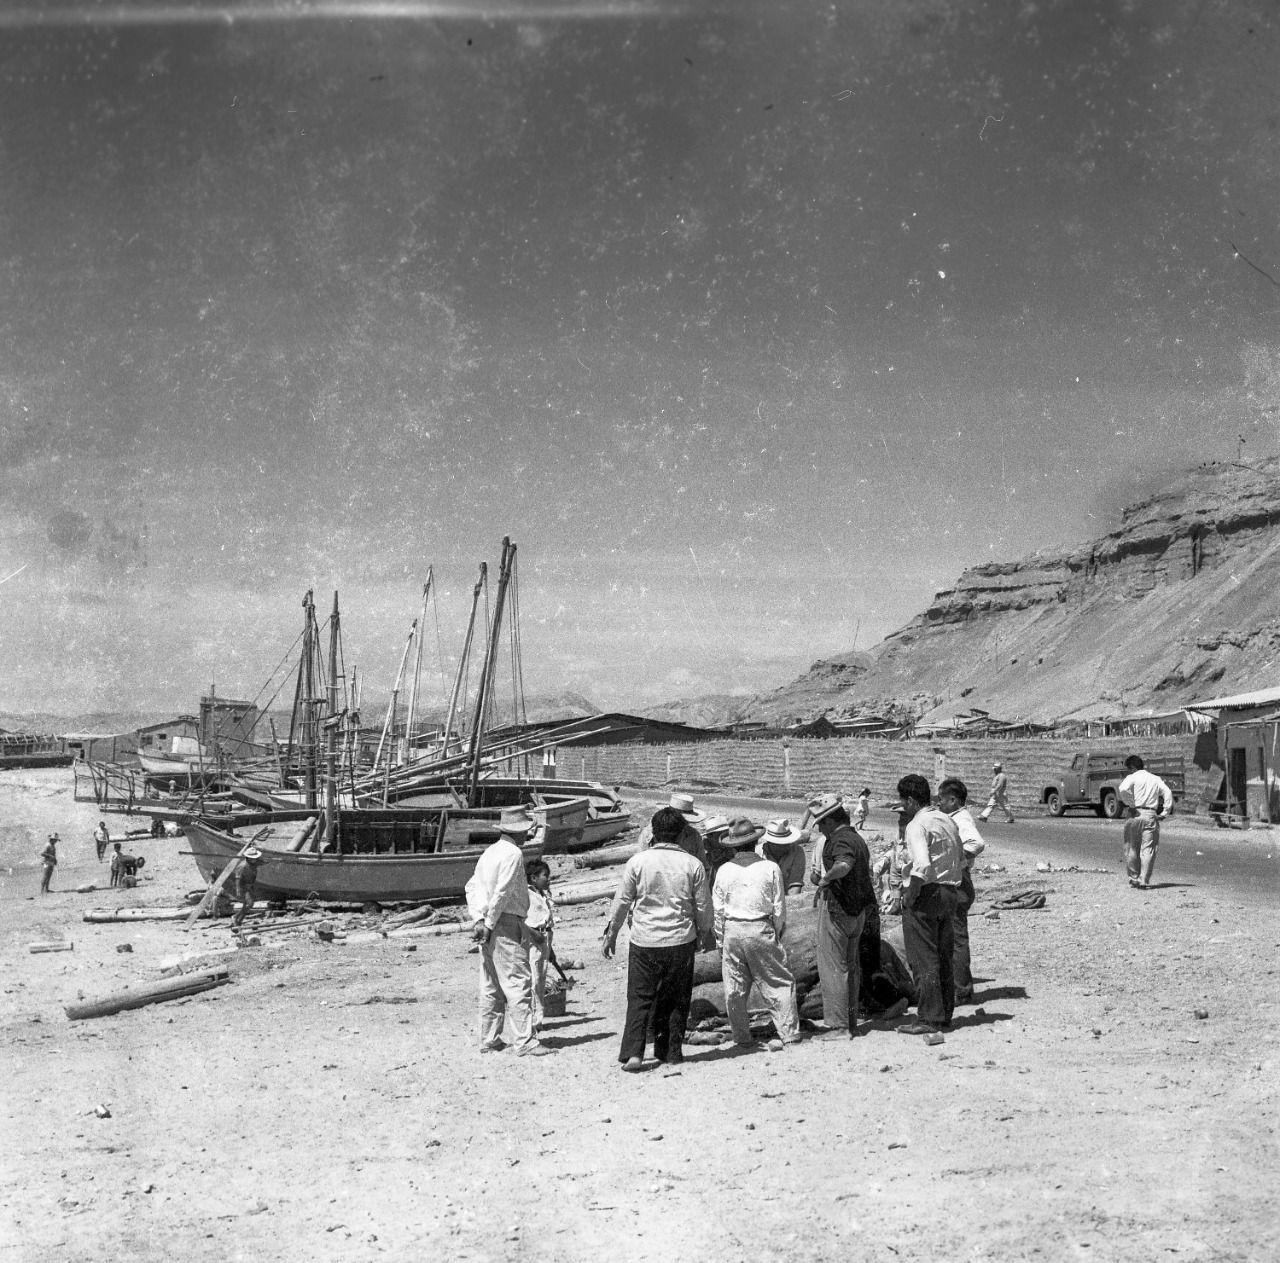 Pescadores y curiosos en un recorrido entre Máncora y Zorritos en 1956, unos veinte años antes de convertirse en paraíso turístico.